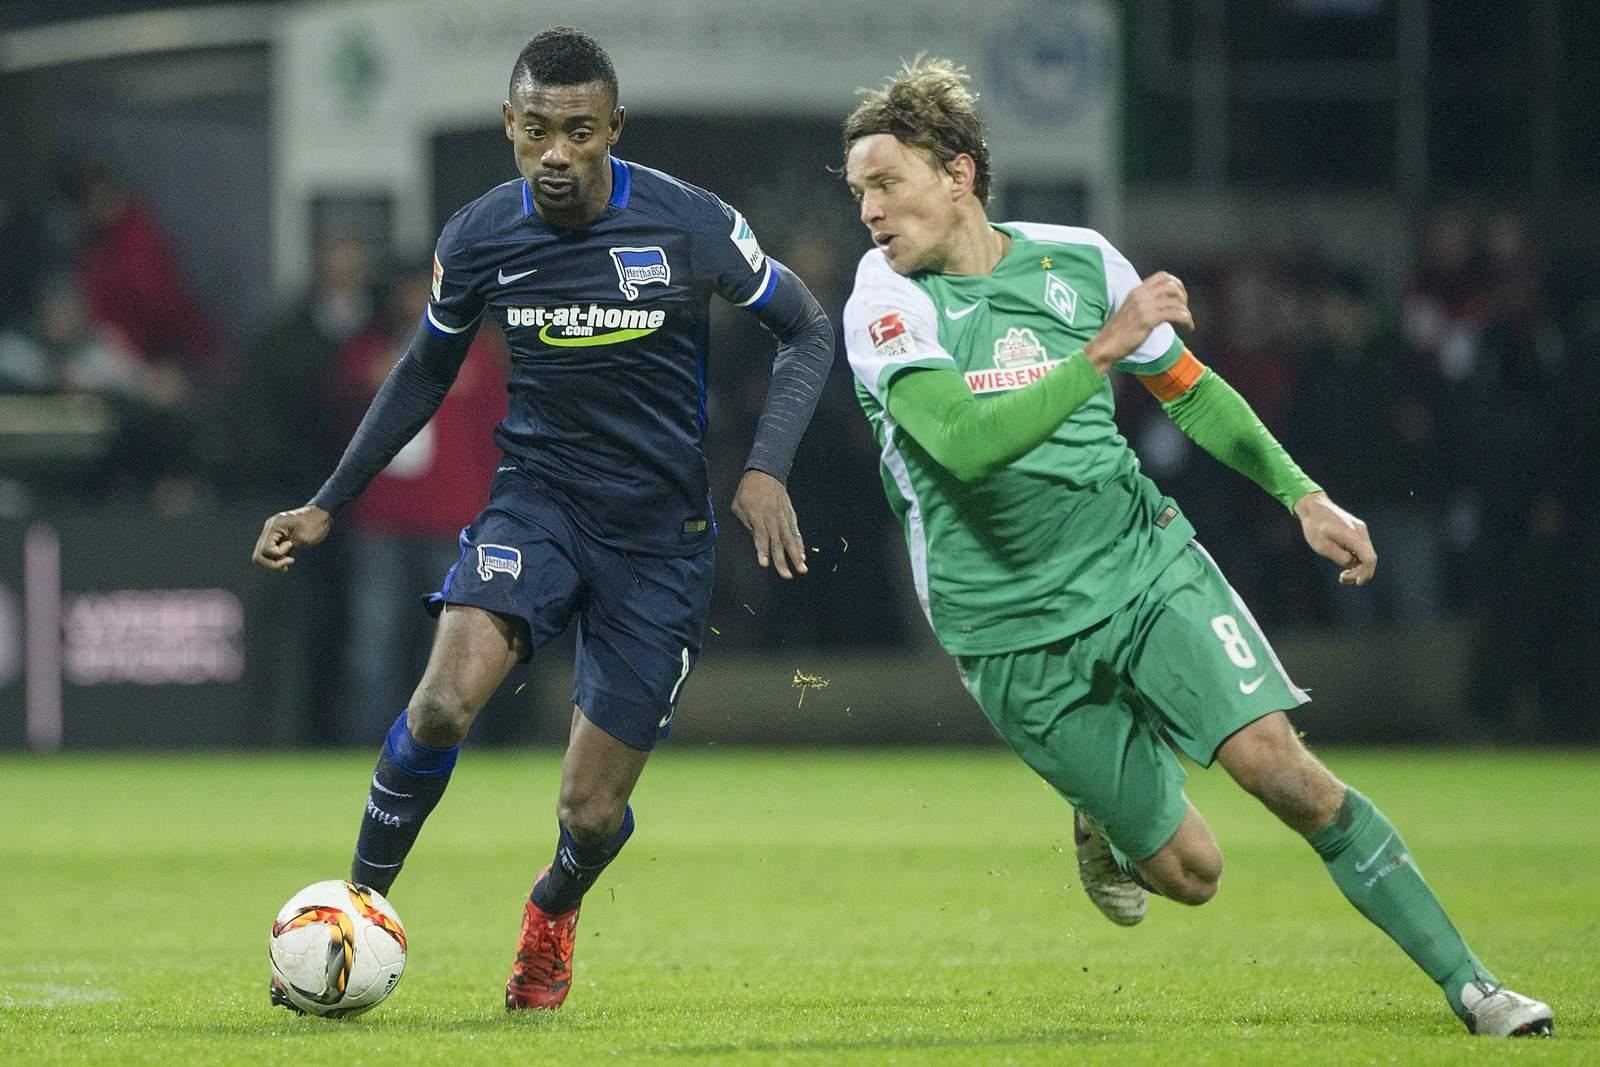 Salomon Kalou im Duell mit Clemens Fritz. Jetzt auf Hertha BSC gegen Werder Bremen wetten!